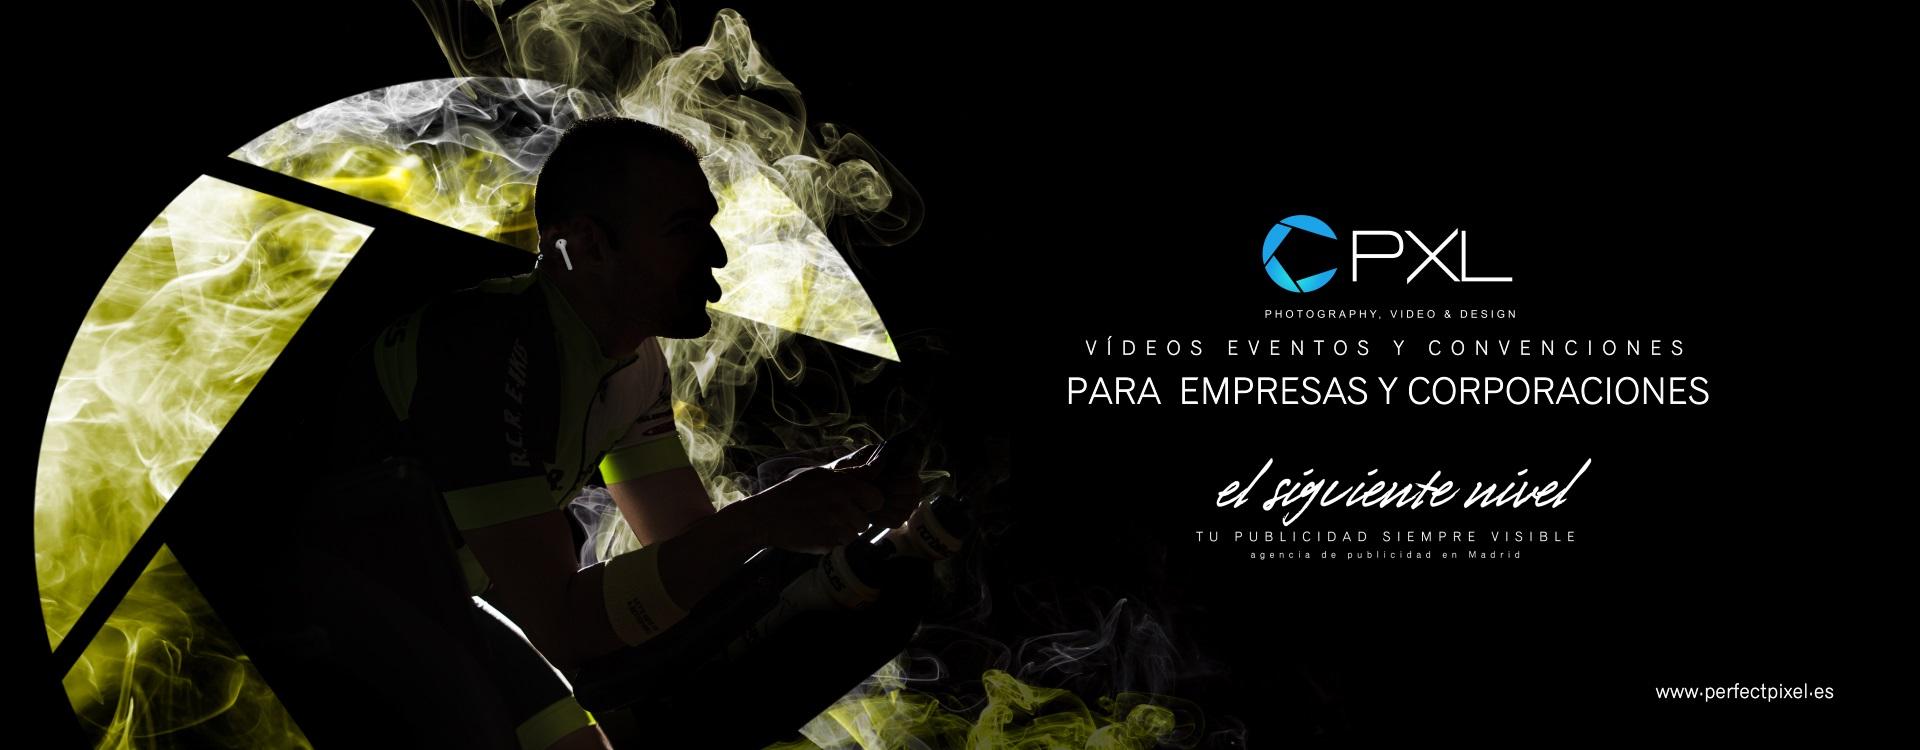 Videos-de-eventos-y-convenciones-Madrid-PerfectPixel-Publicidad-Agencia-Banner